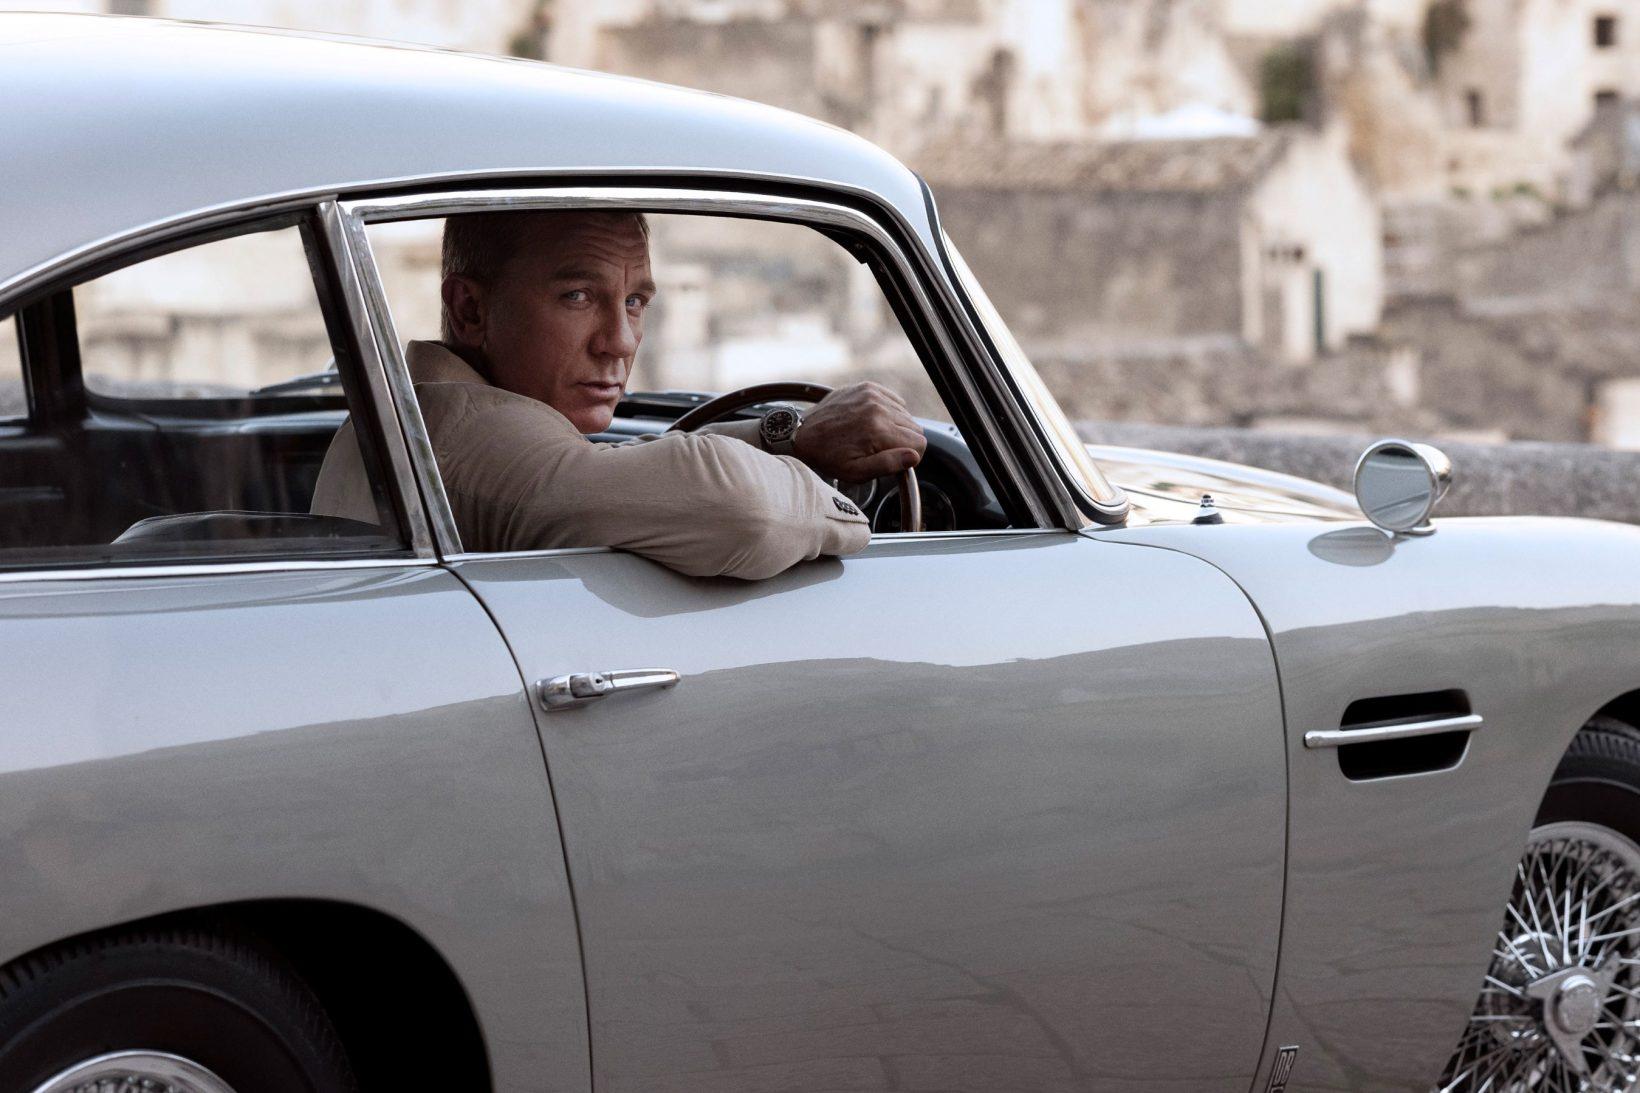 Le James Bond «No Time to Die» enfin sur les écrans. Comment les partenaires se sont-ils adaptés?